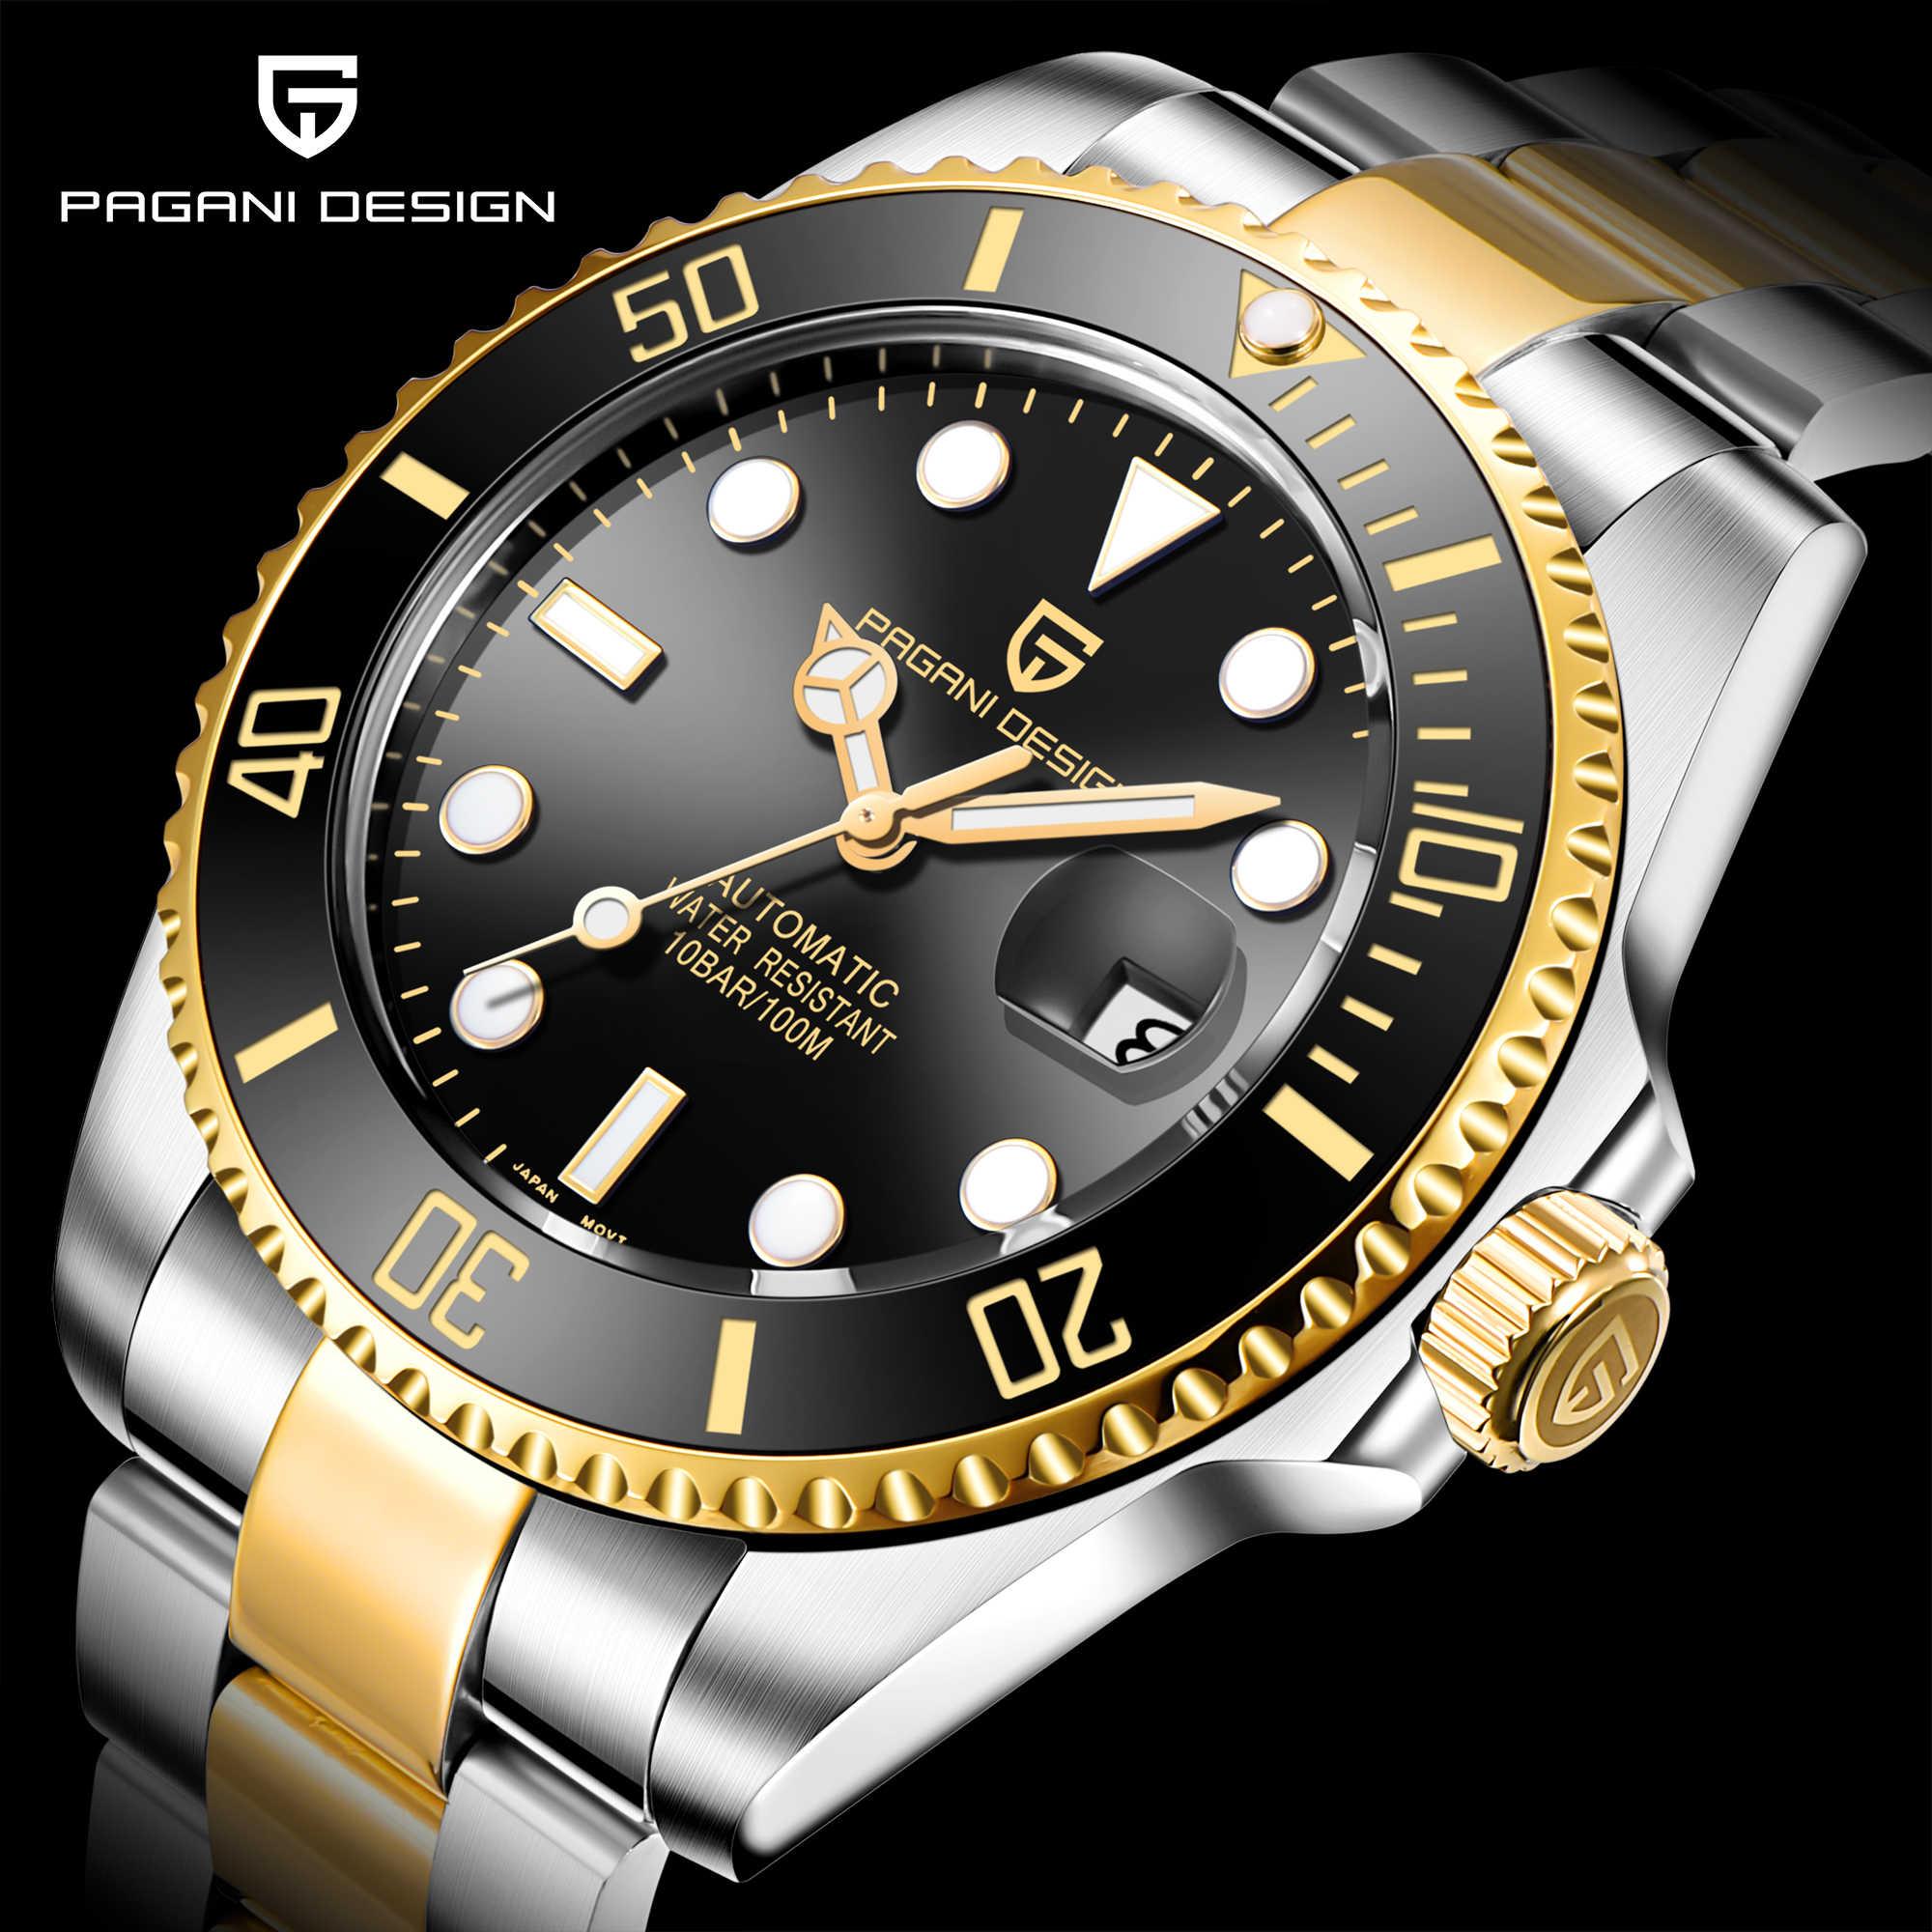 パガーニデザインブランドの高級メンズ腕時計自動ブラック腕時計メンズステンレス鋼防水ビジネススポーツ機械式腕時計